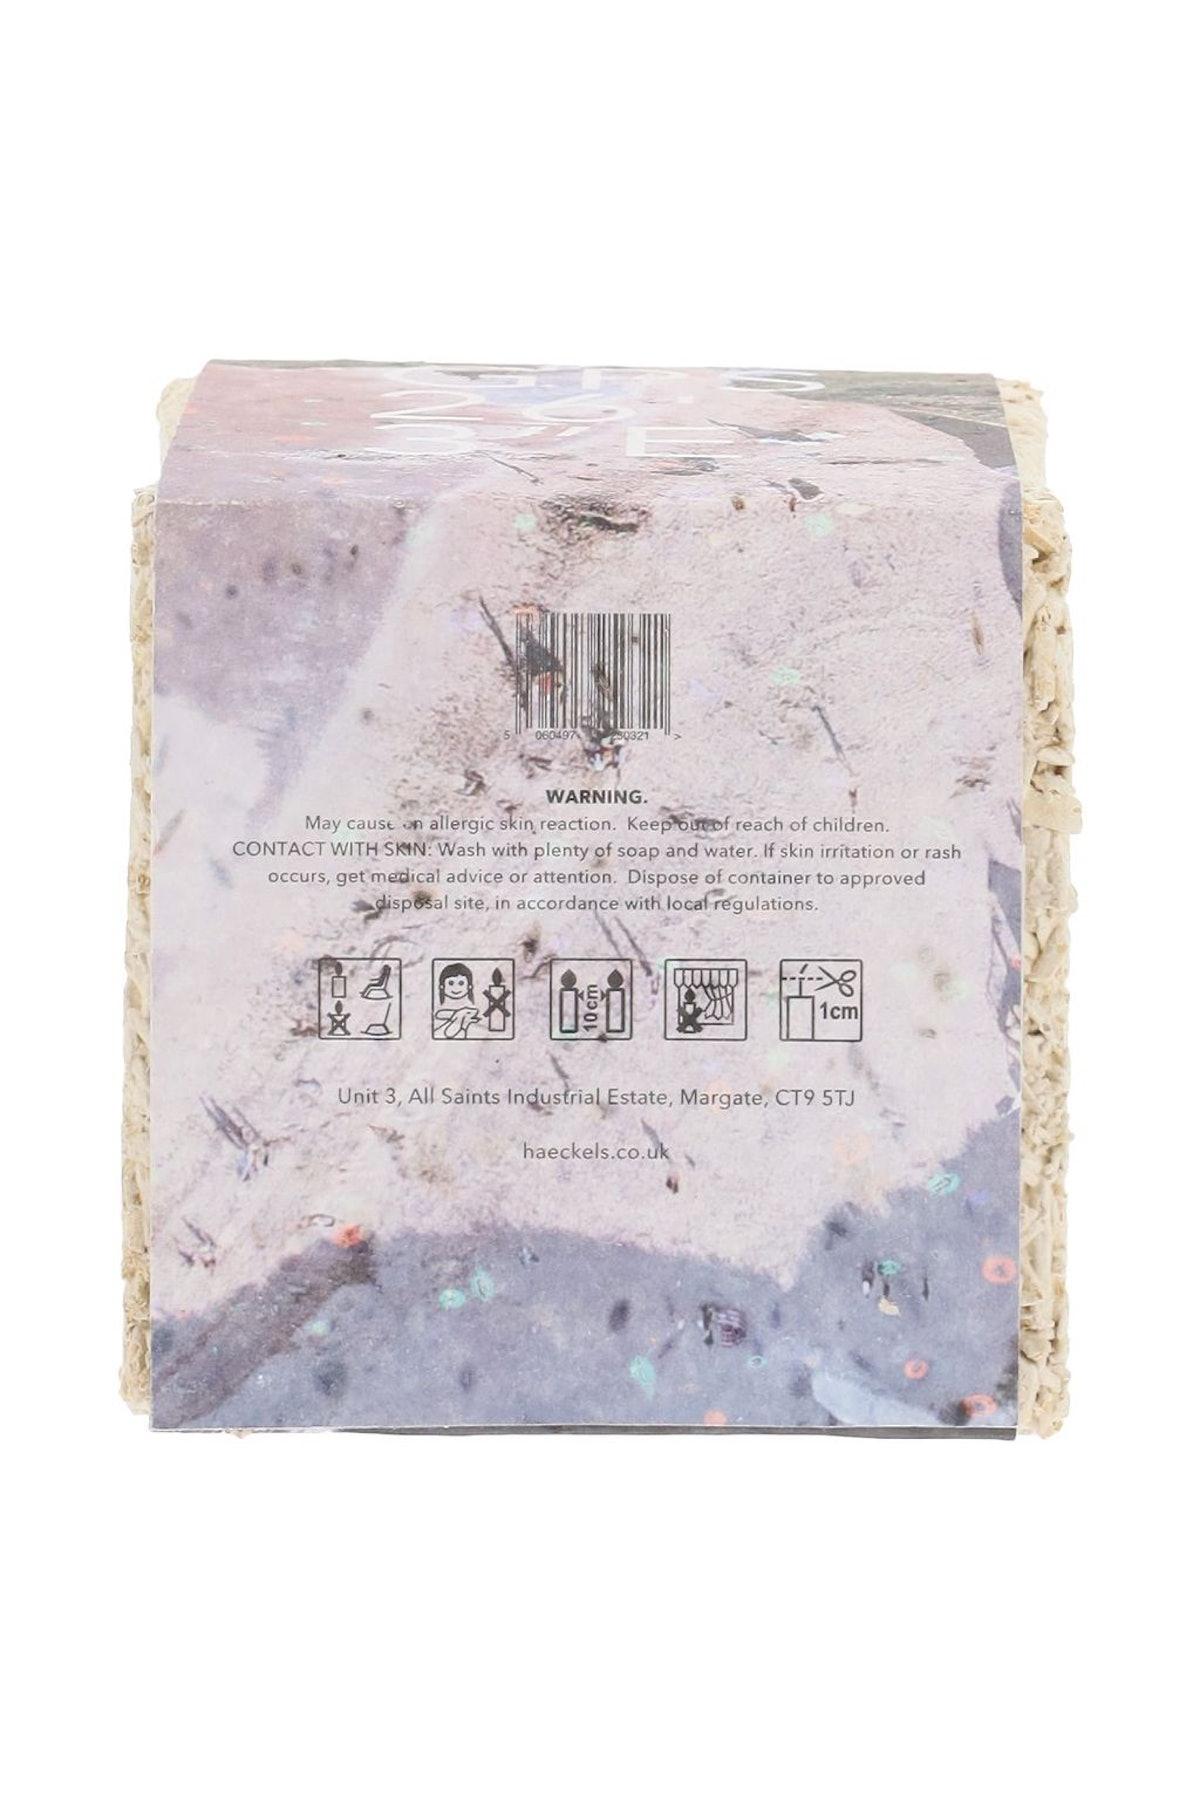 Haeckels Beauty Botany Bay Candle Mycelium: additional image